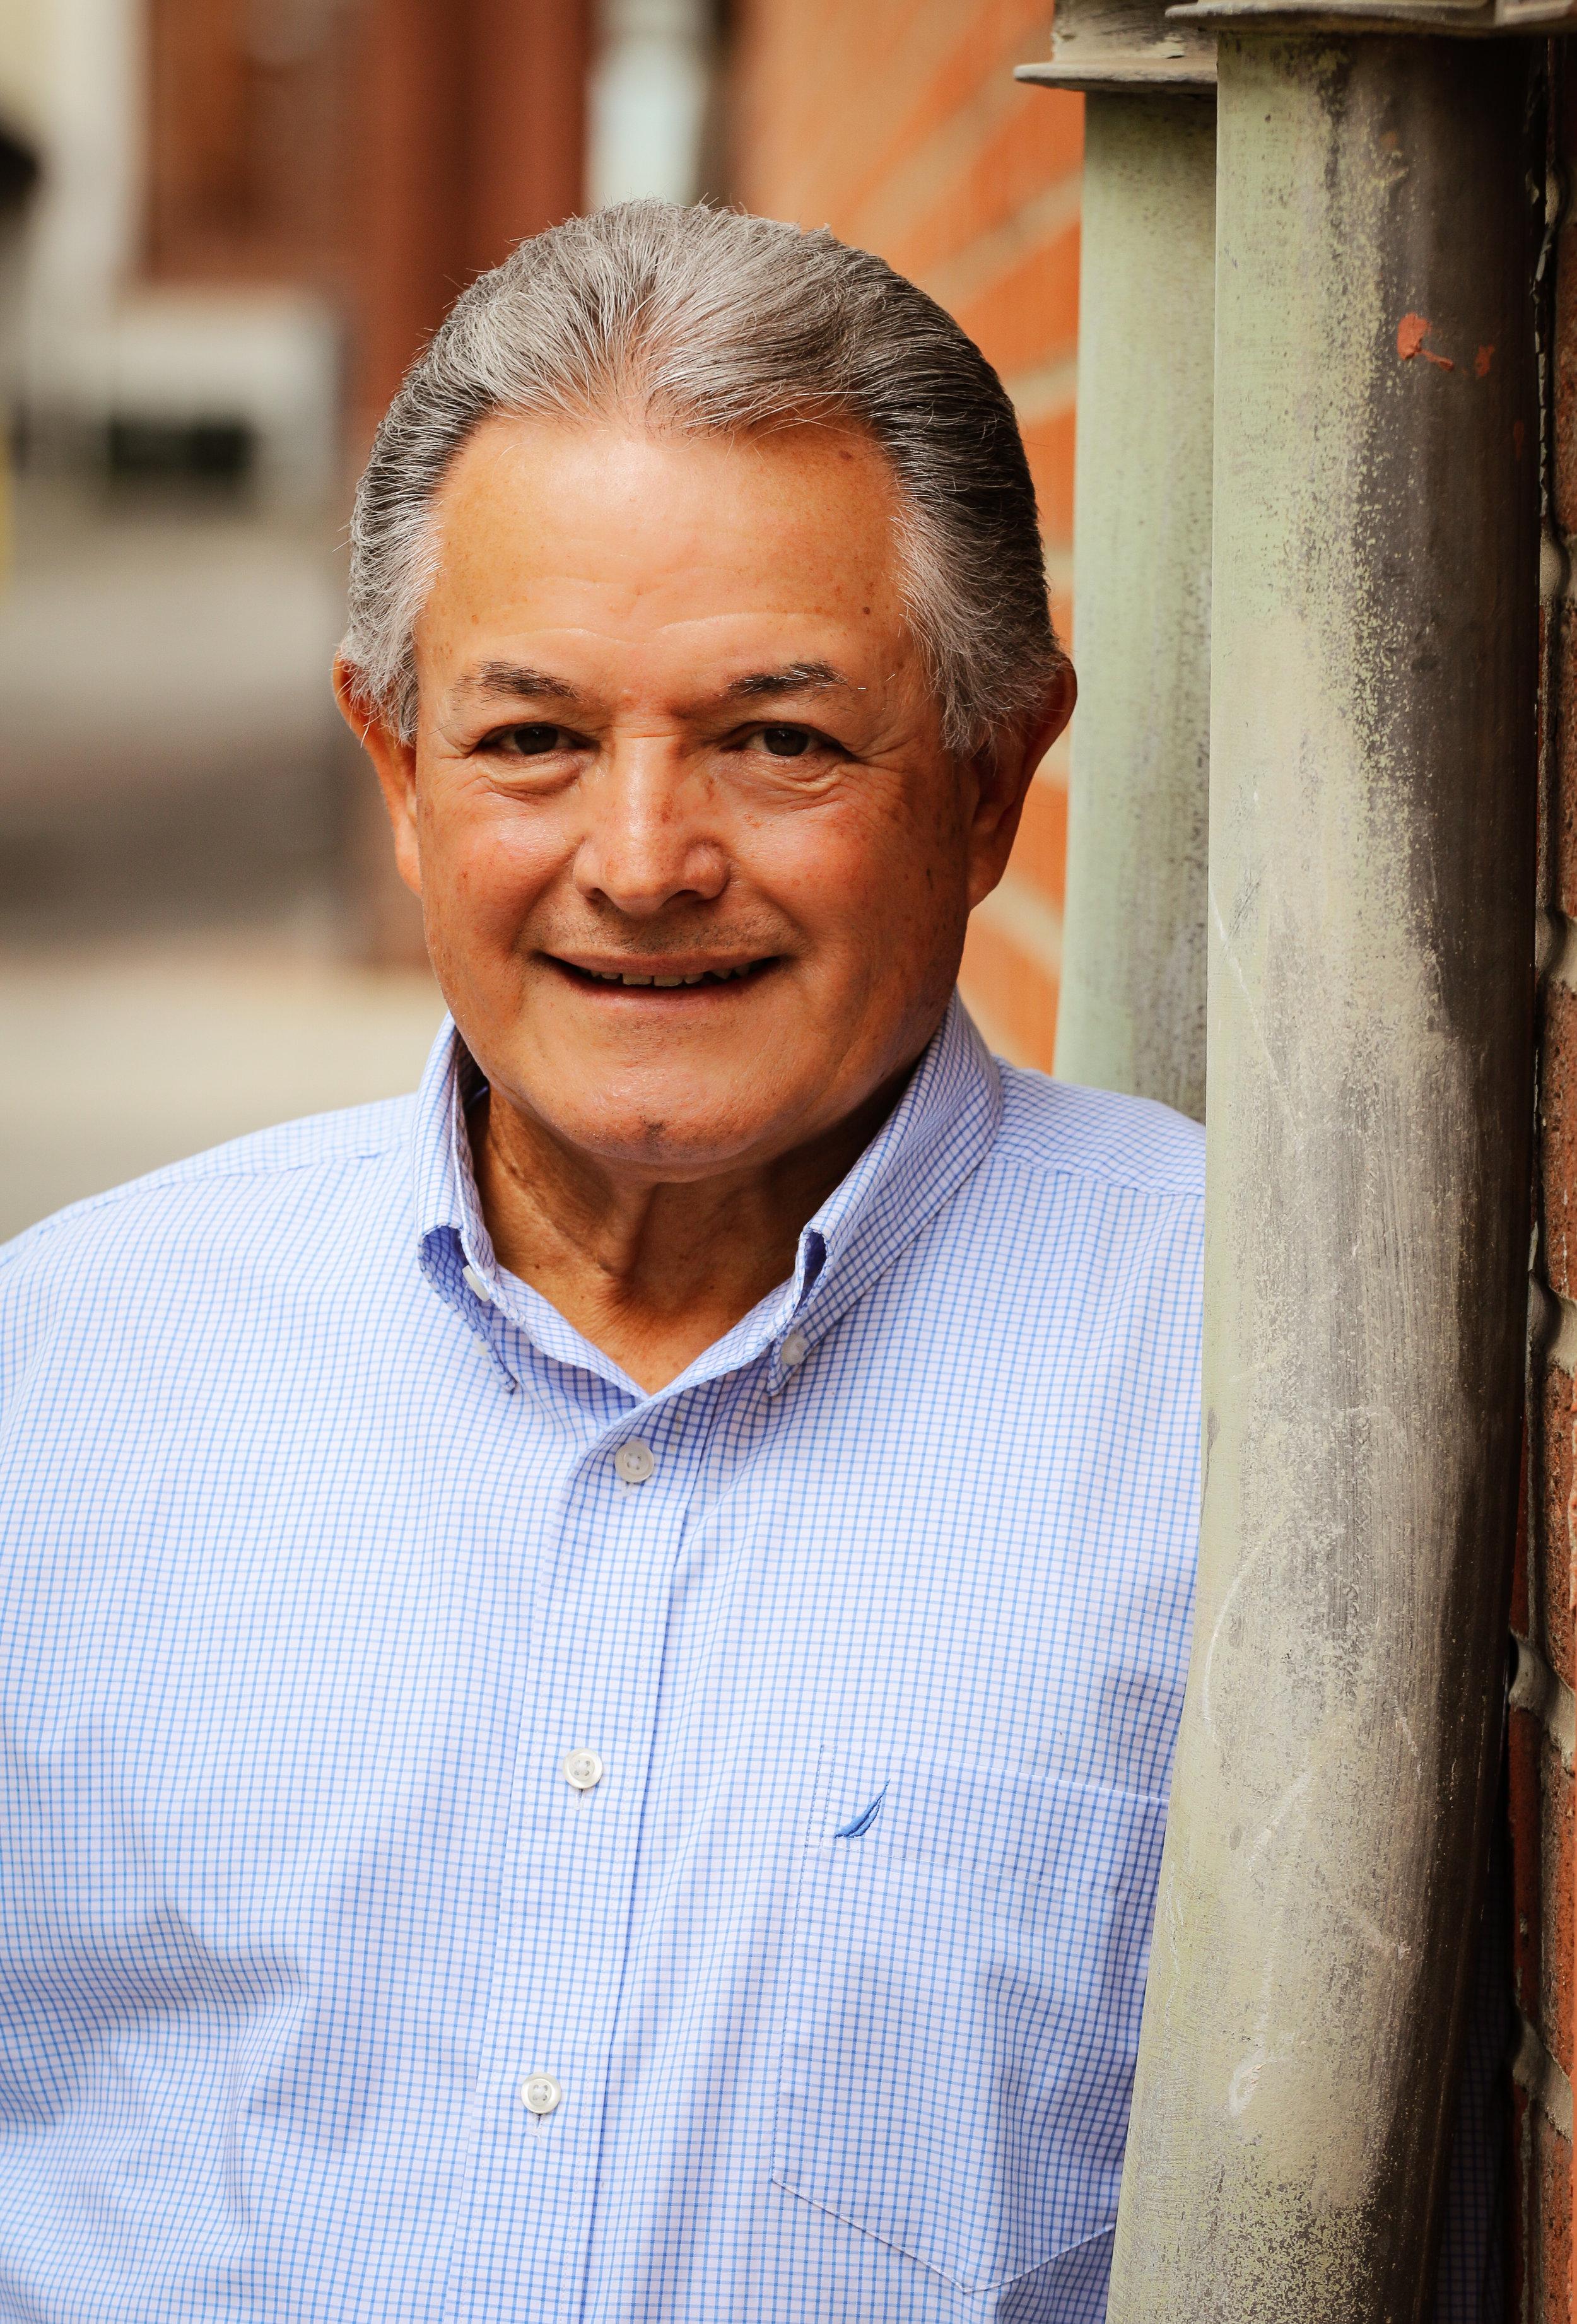 Ed Calderon - USHERS